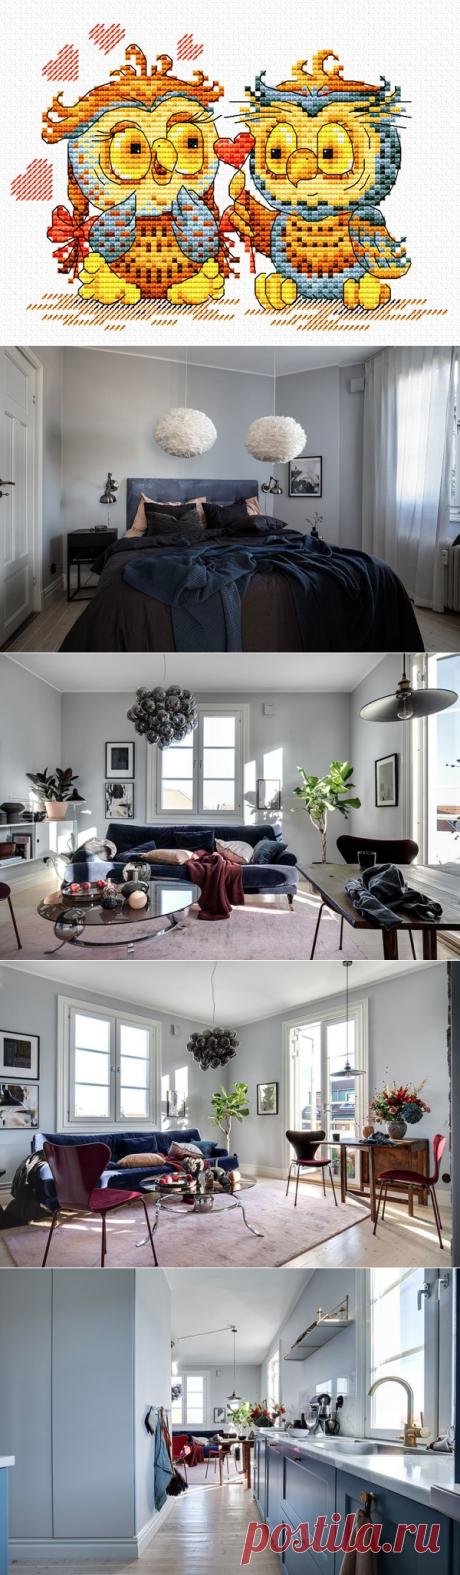 Красивый скандинавский дом в синих тонах - Дизайн интерьеров | Идеи вашего дома | Lodgers